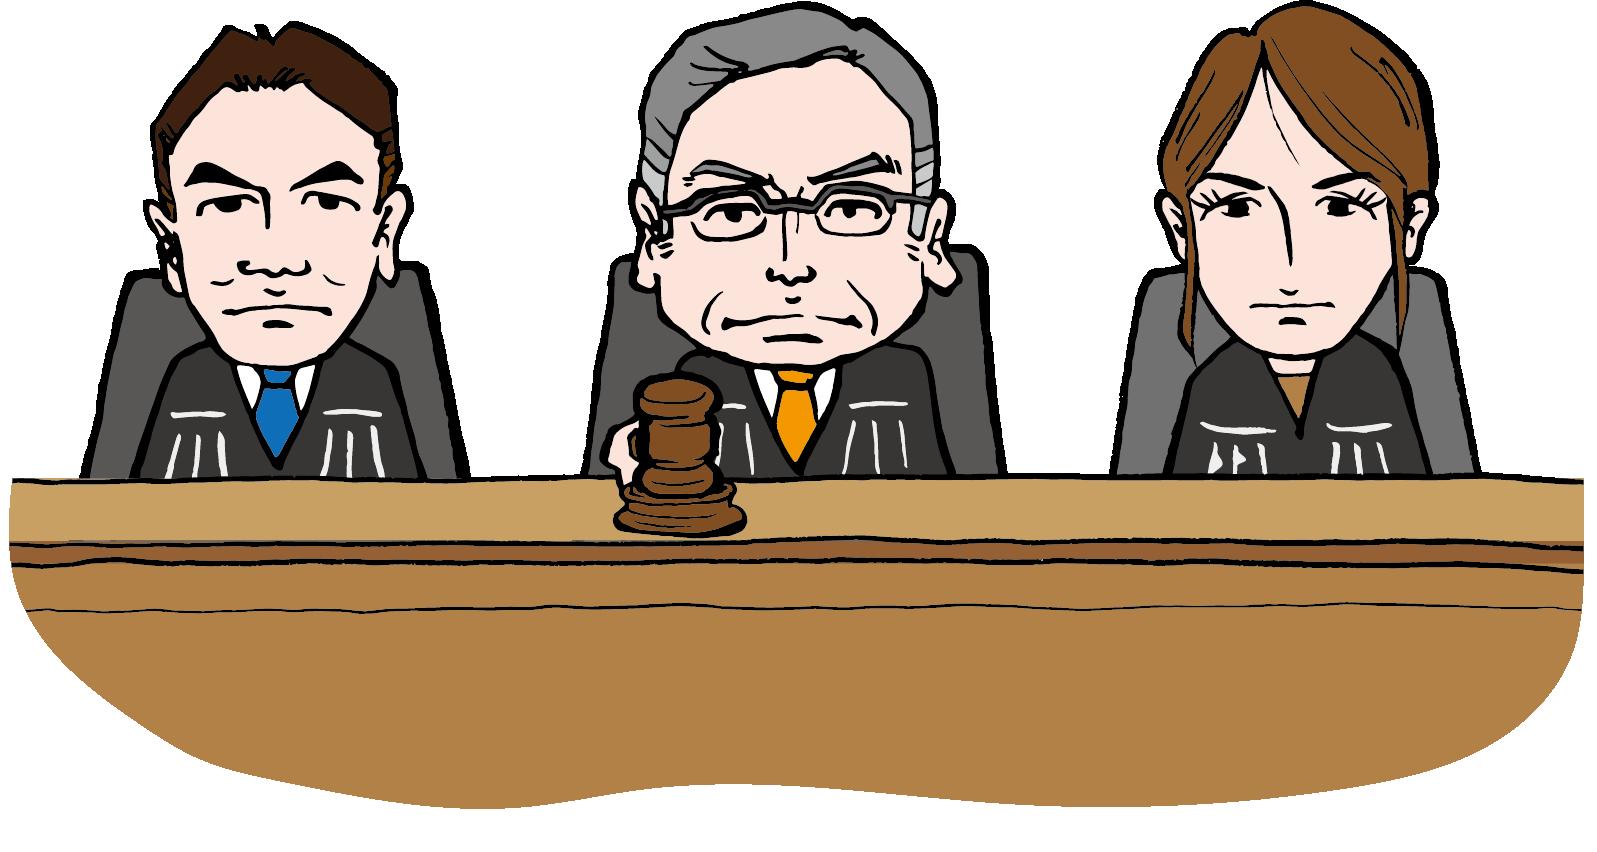 【科目学習セオリー「法務」】最後の2択がCランク